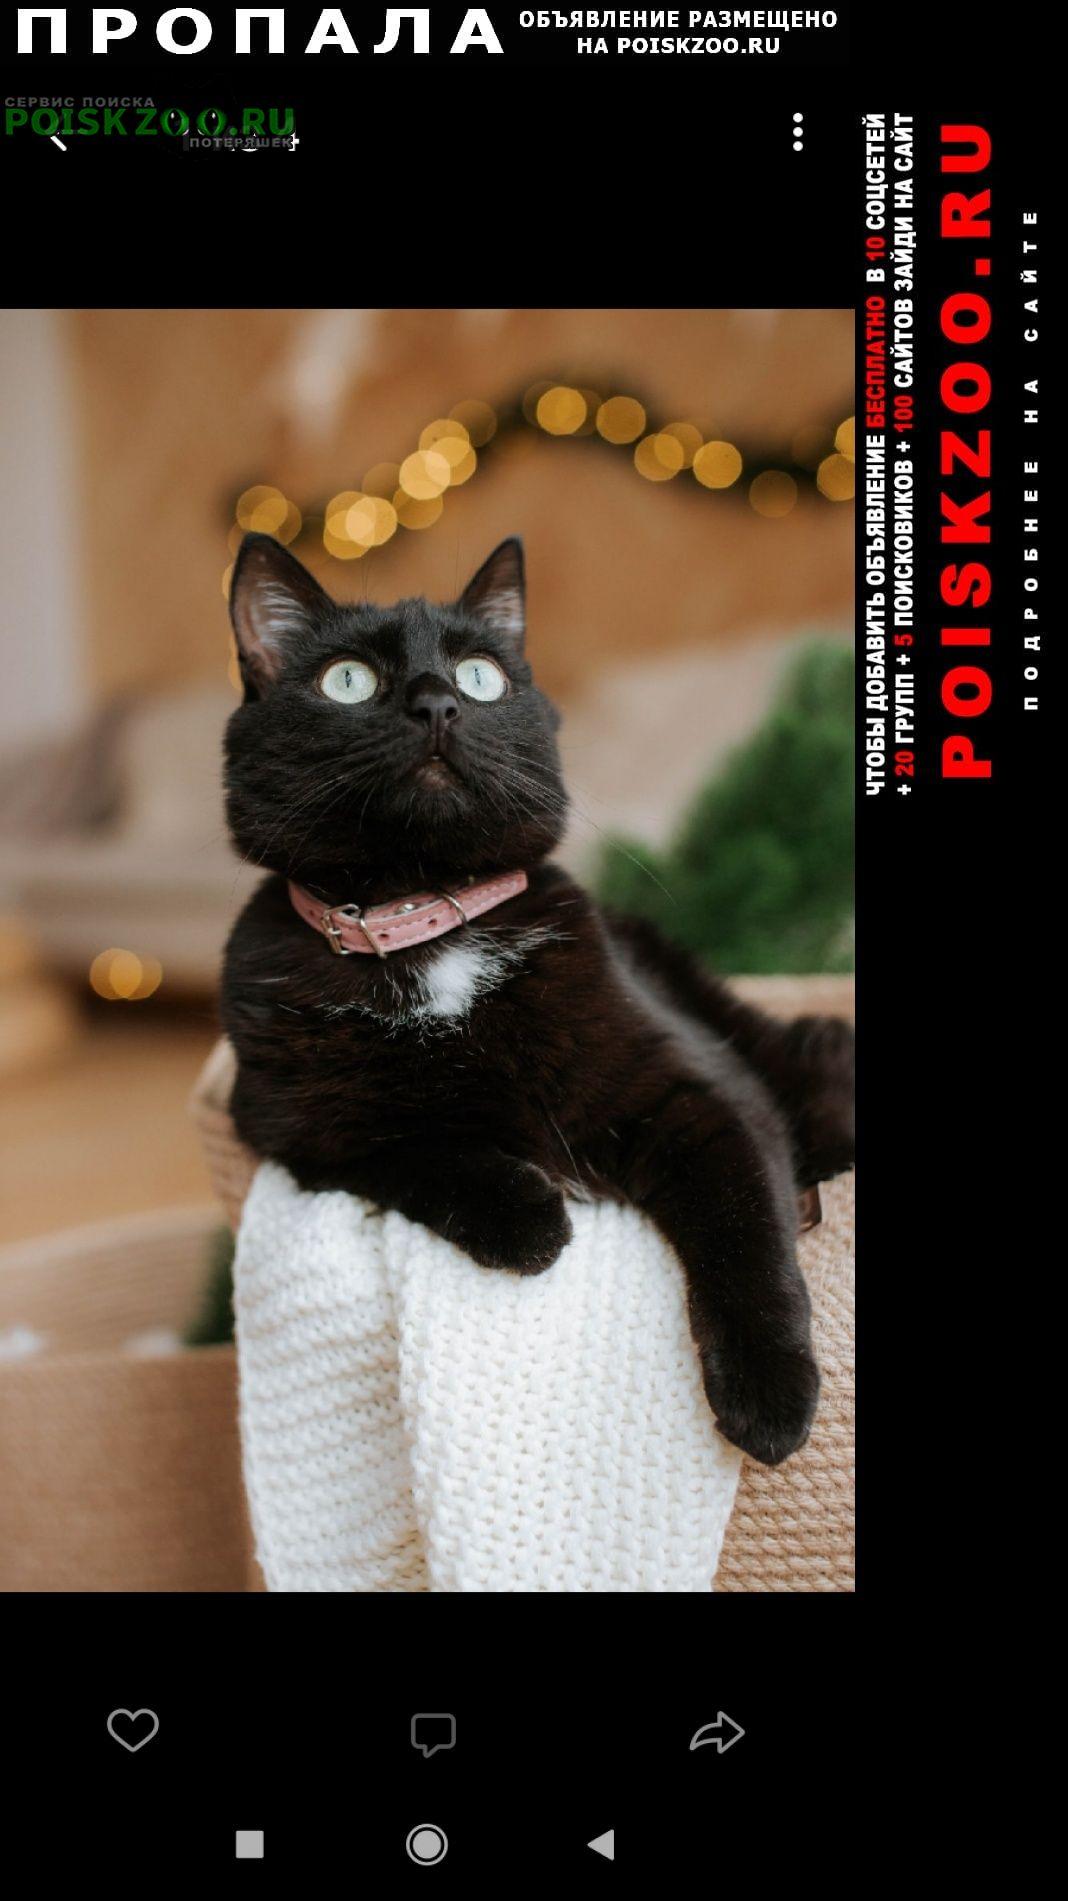 Пенза Пропала кошка вознаграждение 10000